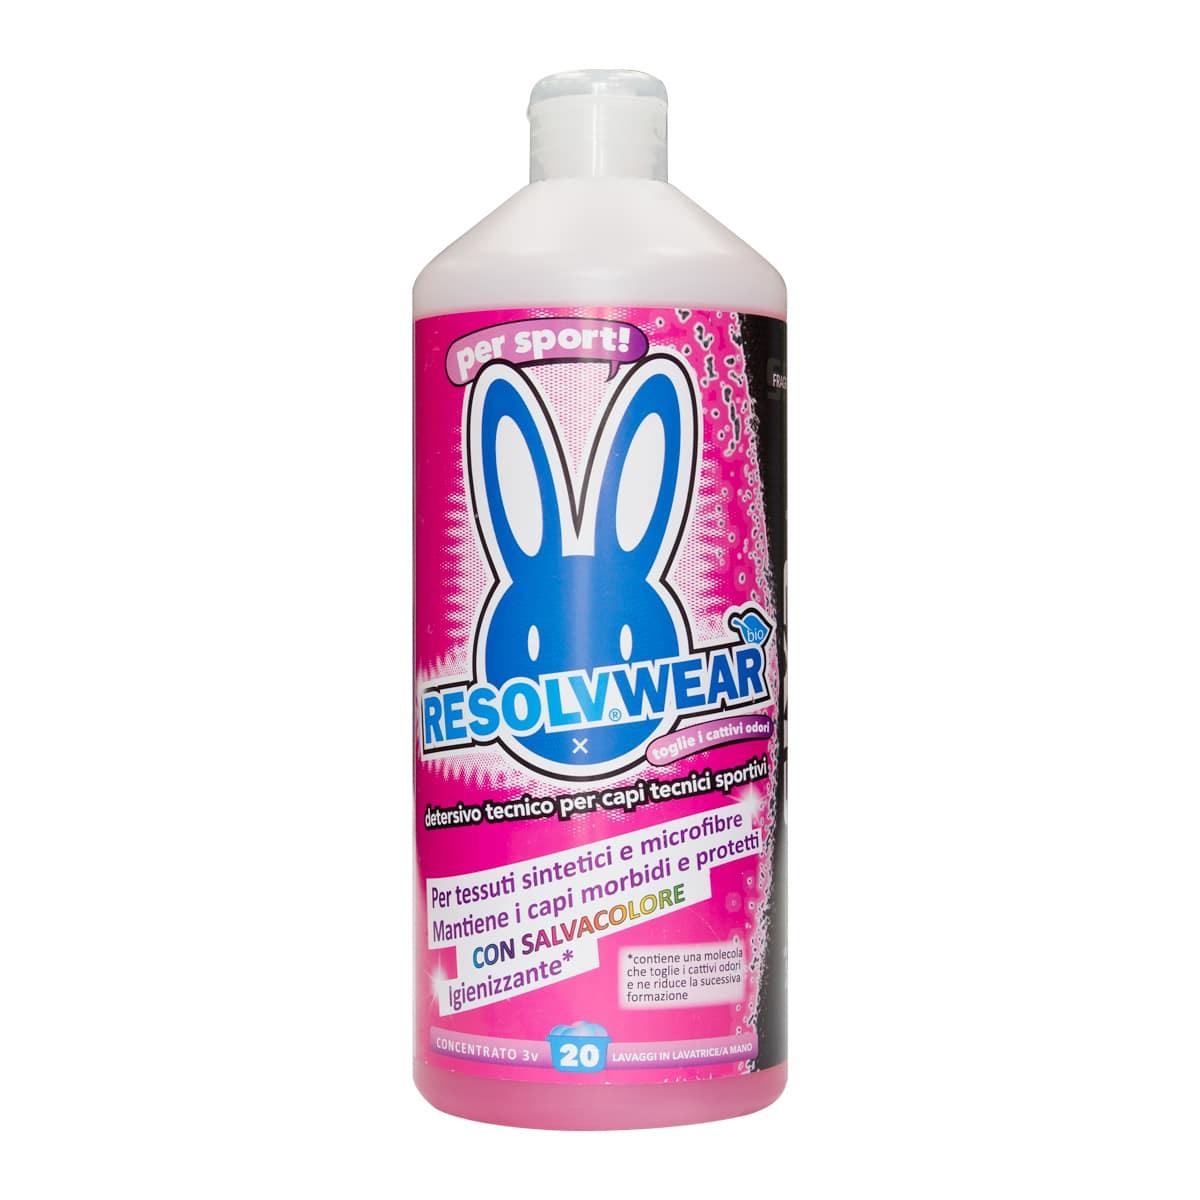 義大利 SIXS <br>香氛機能洗衣精 <br>RESOLVWEAR <br>1公升 &#038; 100ml*3包裝